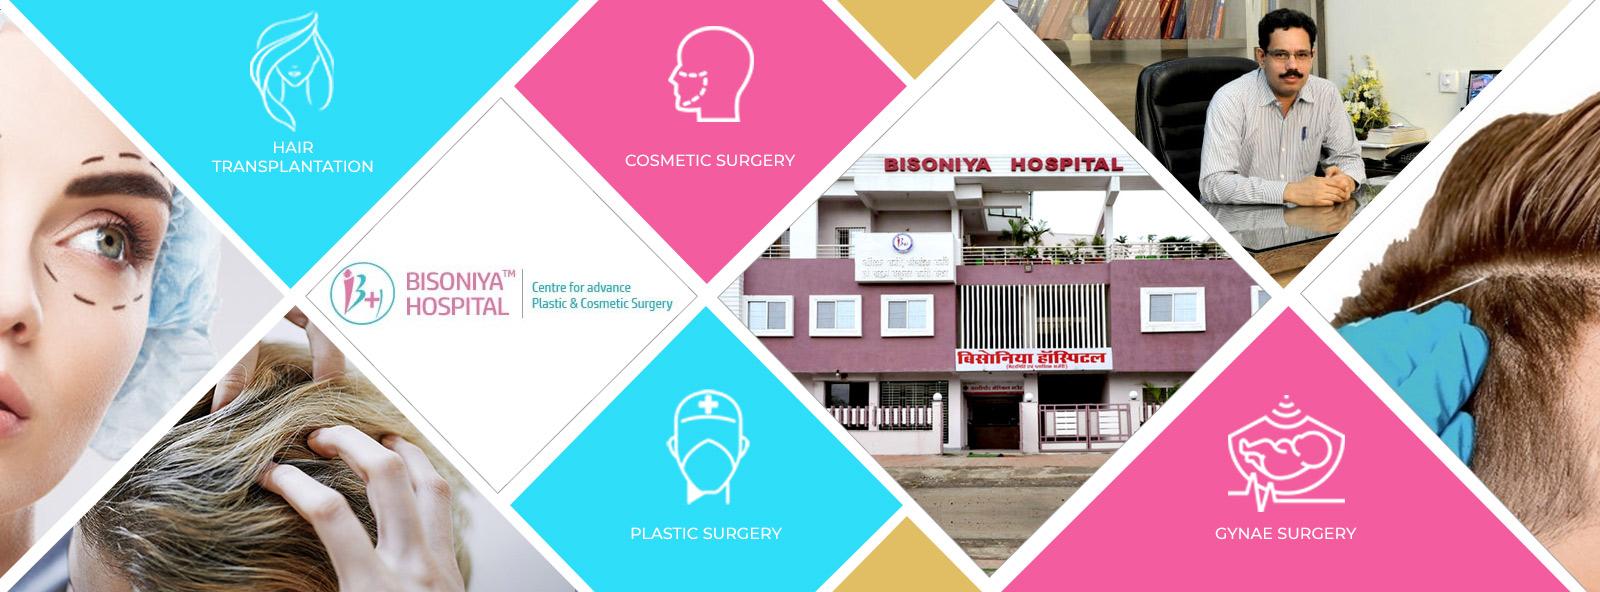 Bisoniya Hospital